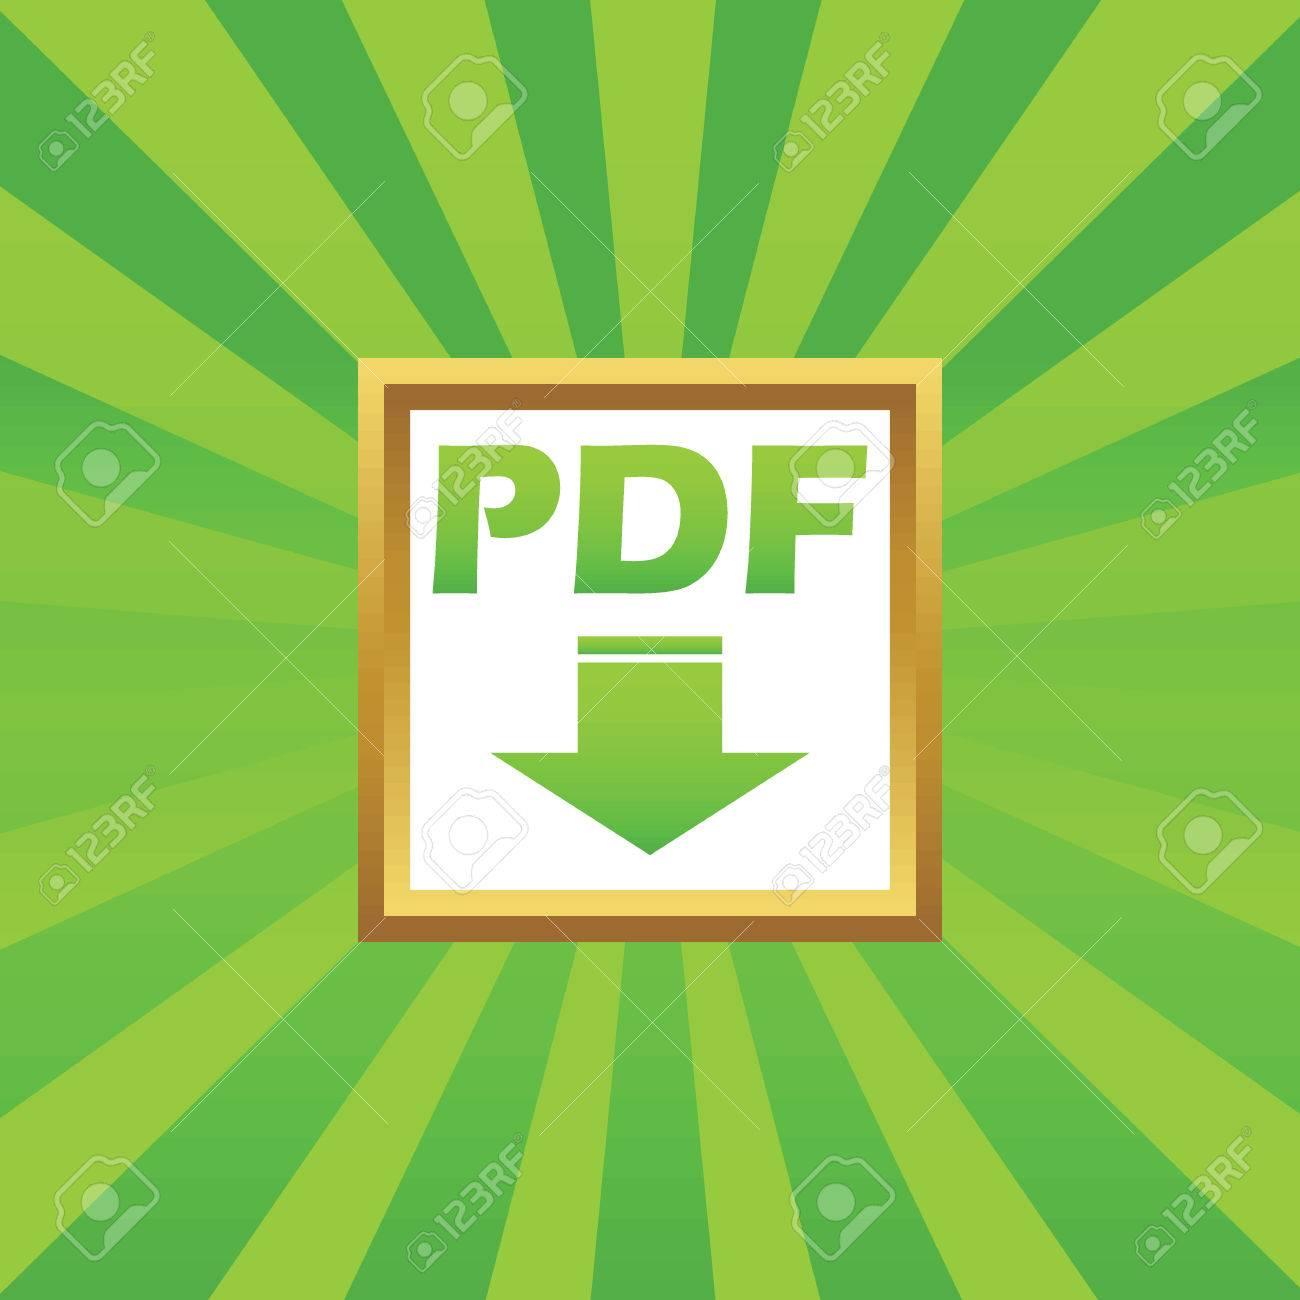 PDF Text Und Pfeil Nach Unten In Goldenen Rahmen, Auf Grün ...